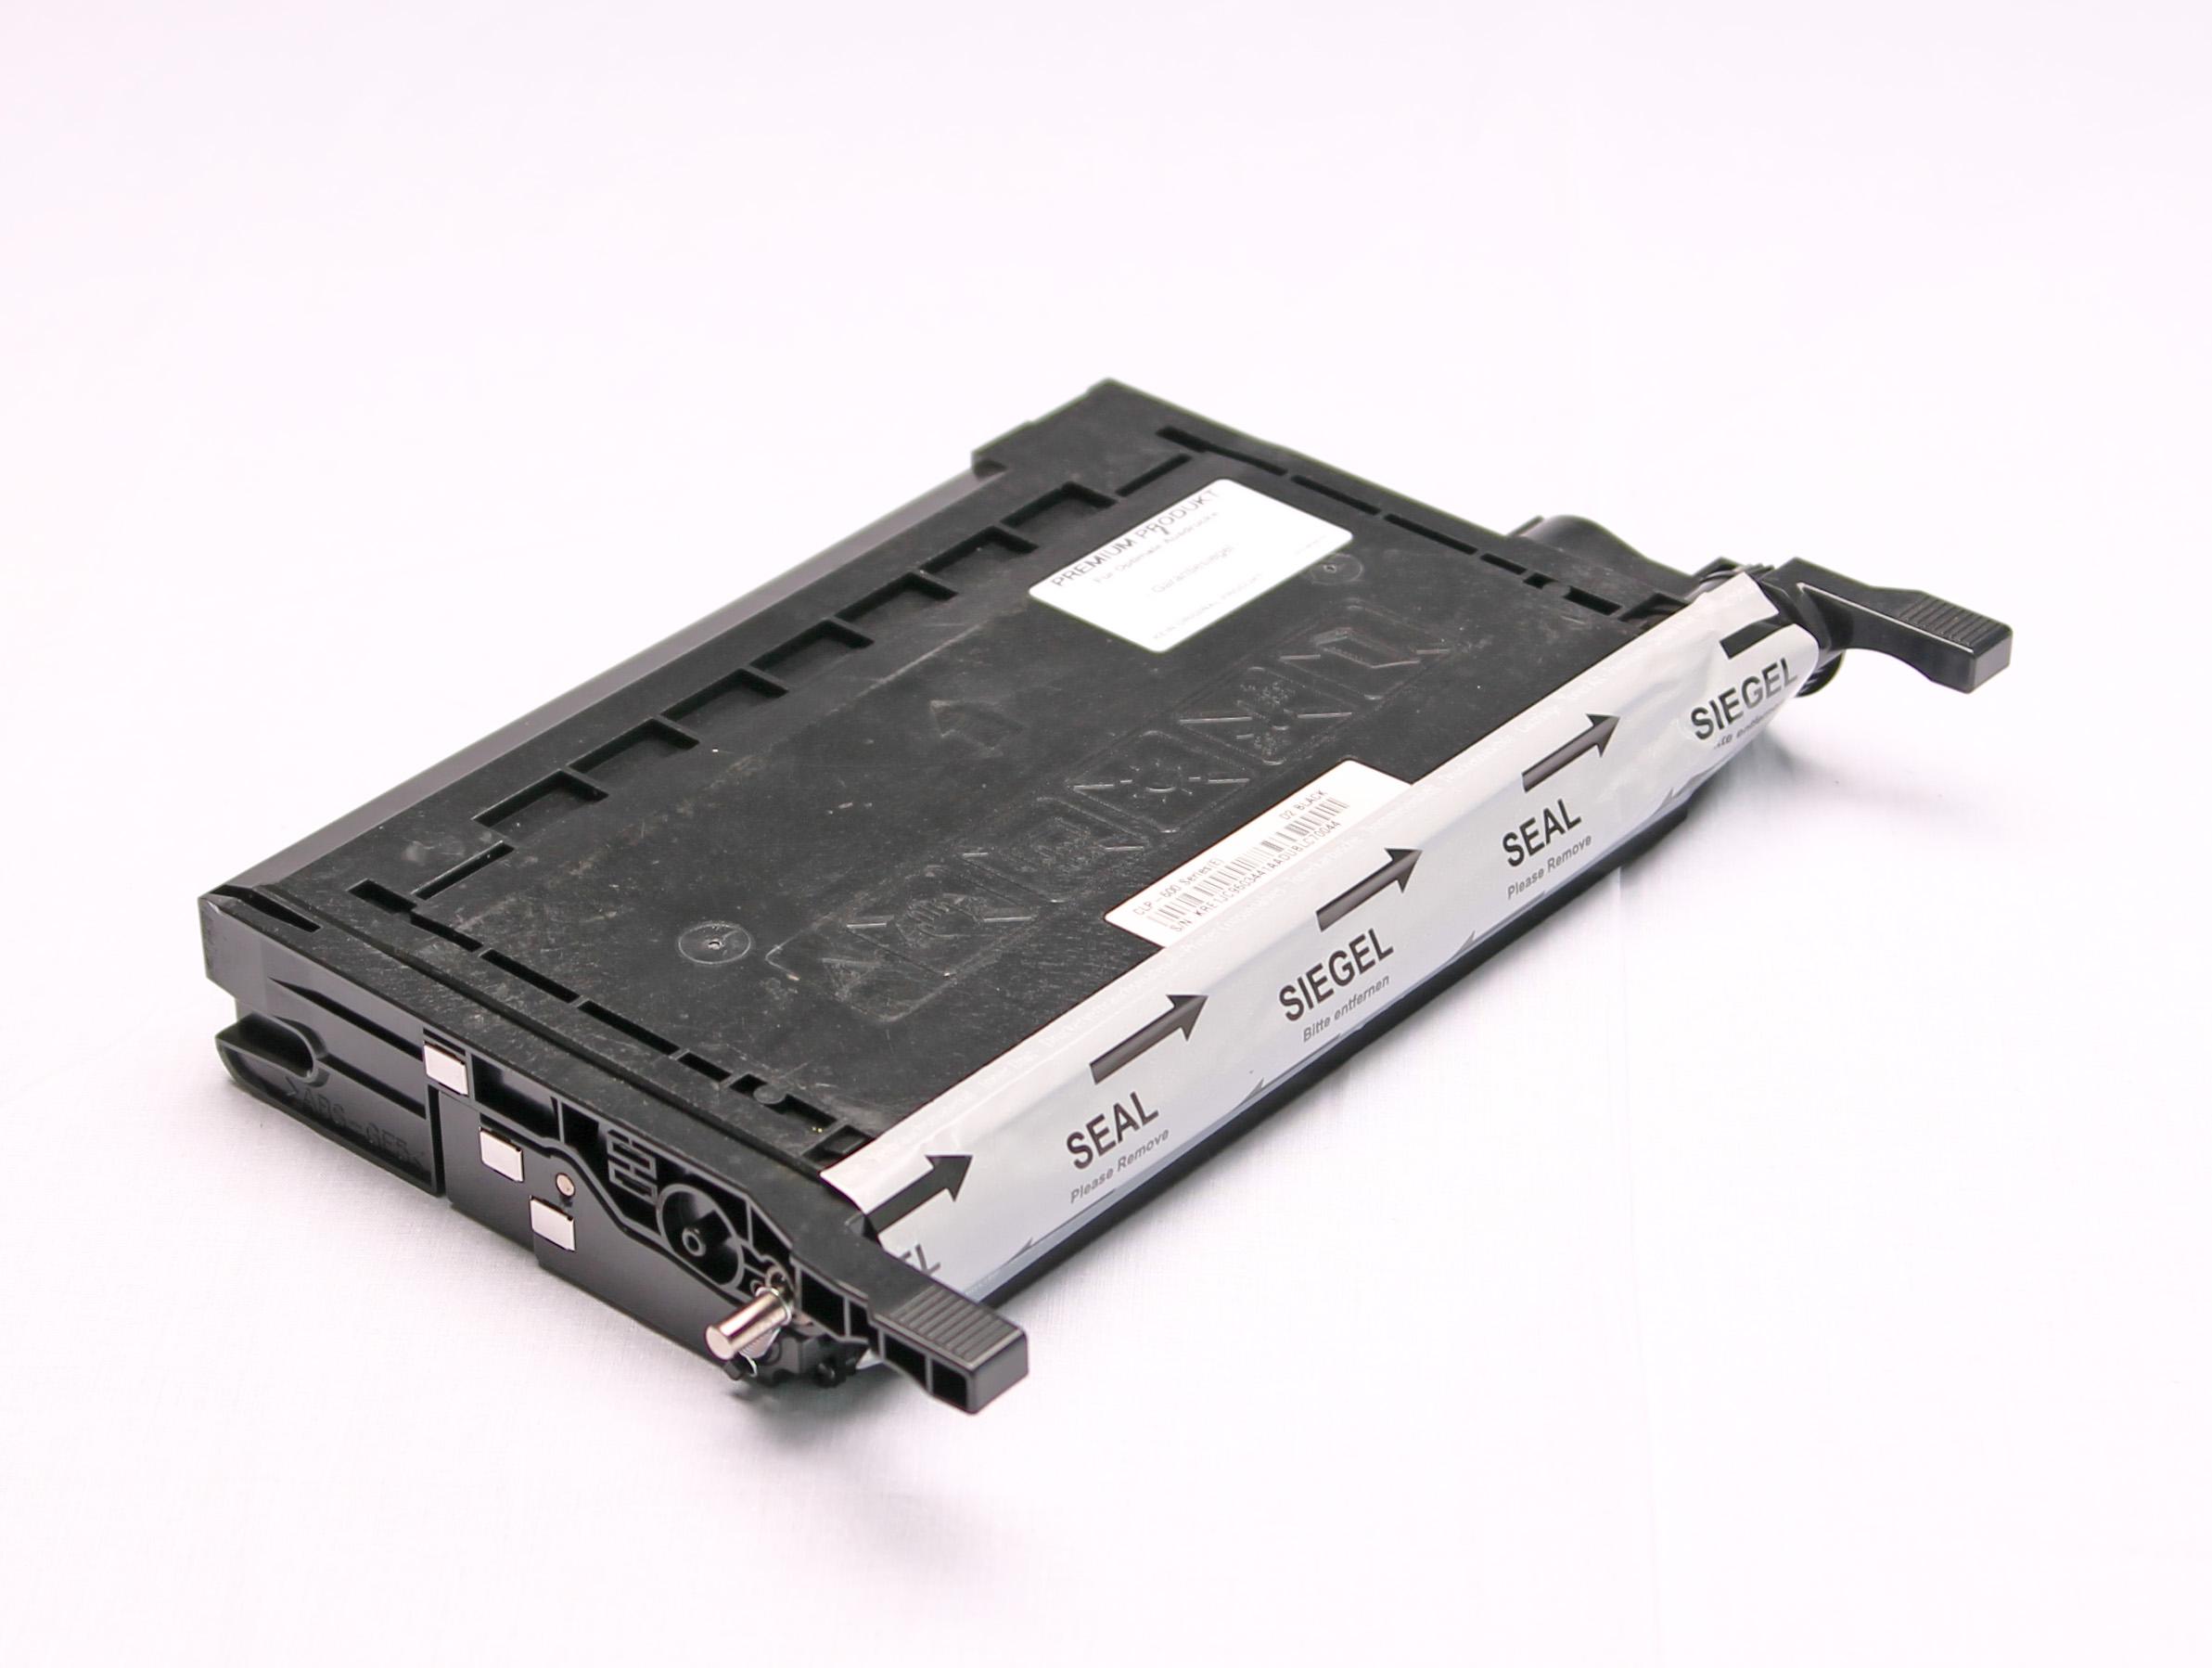 Kompatibel Toner ABC für Samsung Clp600 Clp650 Gelb